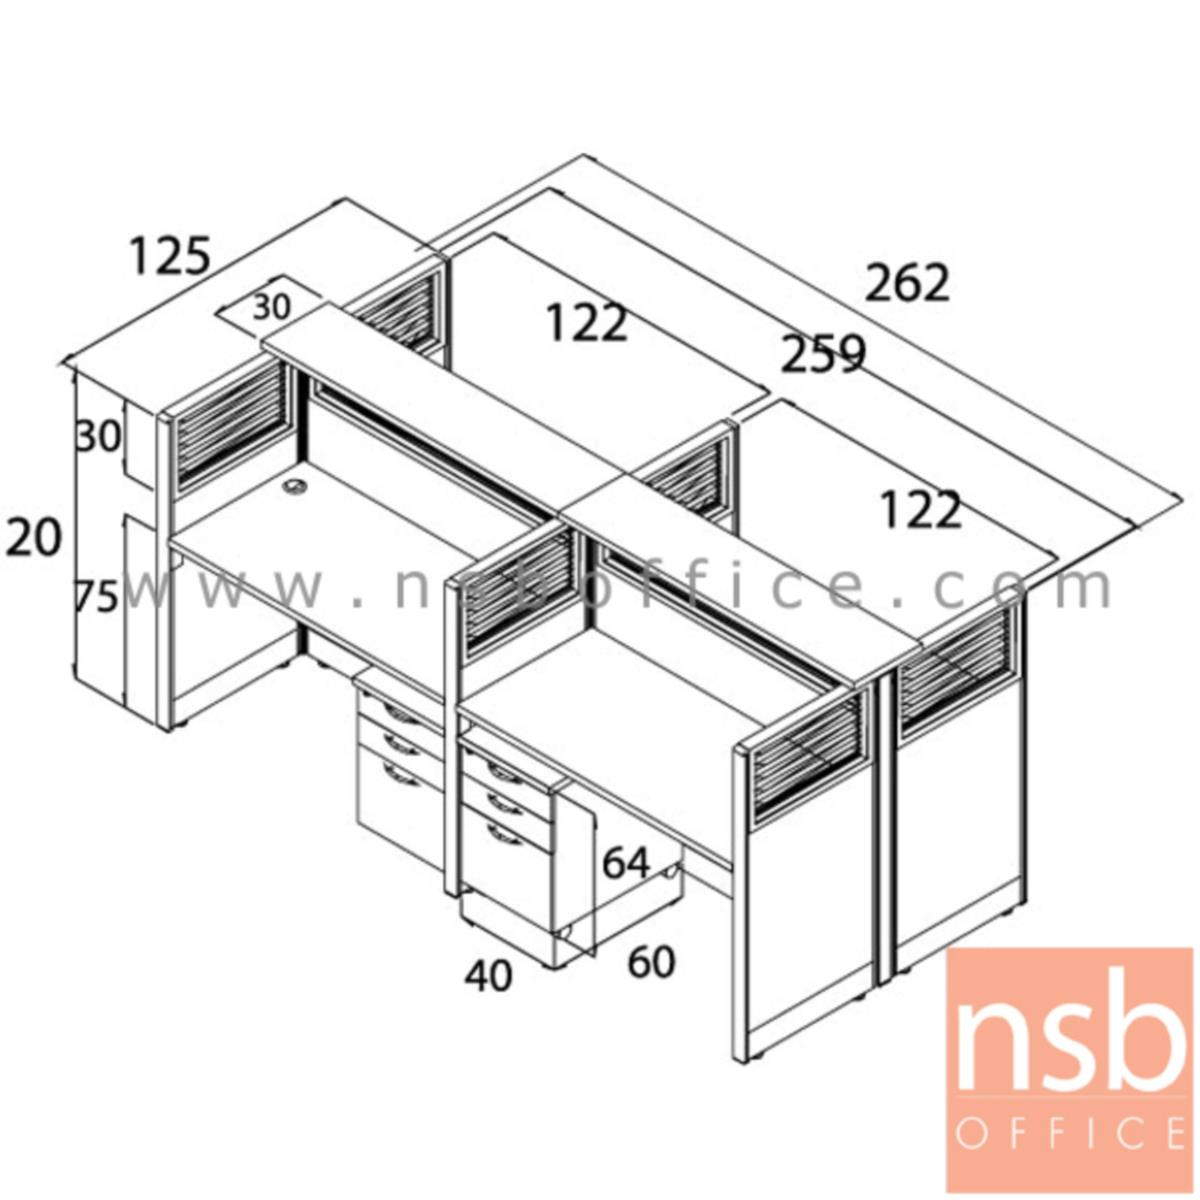 ชุดโต๊ะทำงานกลุ่ม 4 ที่นั่ง   ขนาด 262W cm. พร้อมพาร์ทิชั่น Hybrid และตู้ลิ้นชักล้อเลื่อน